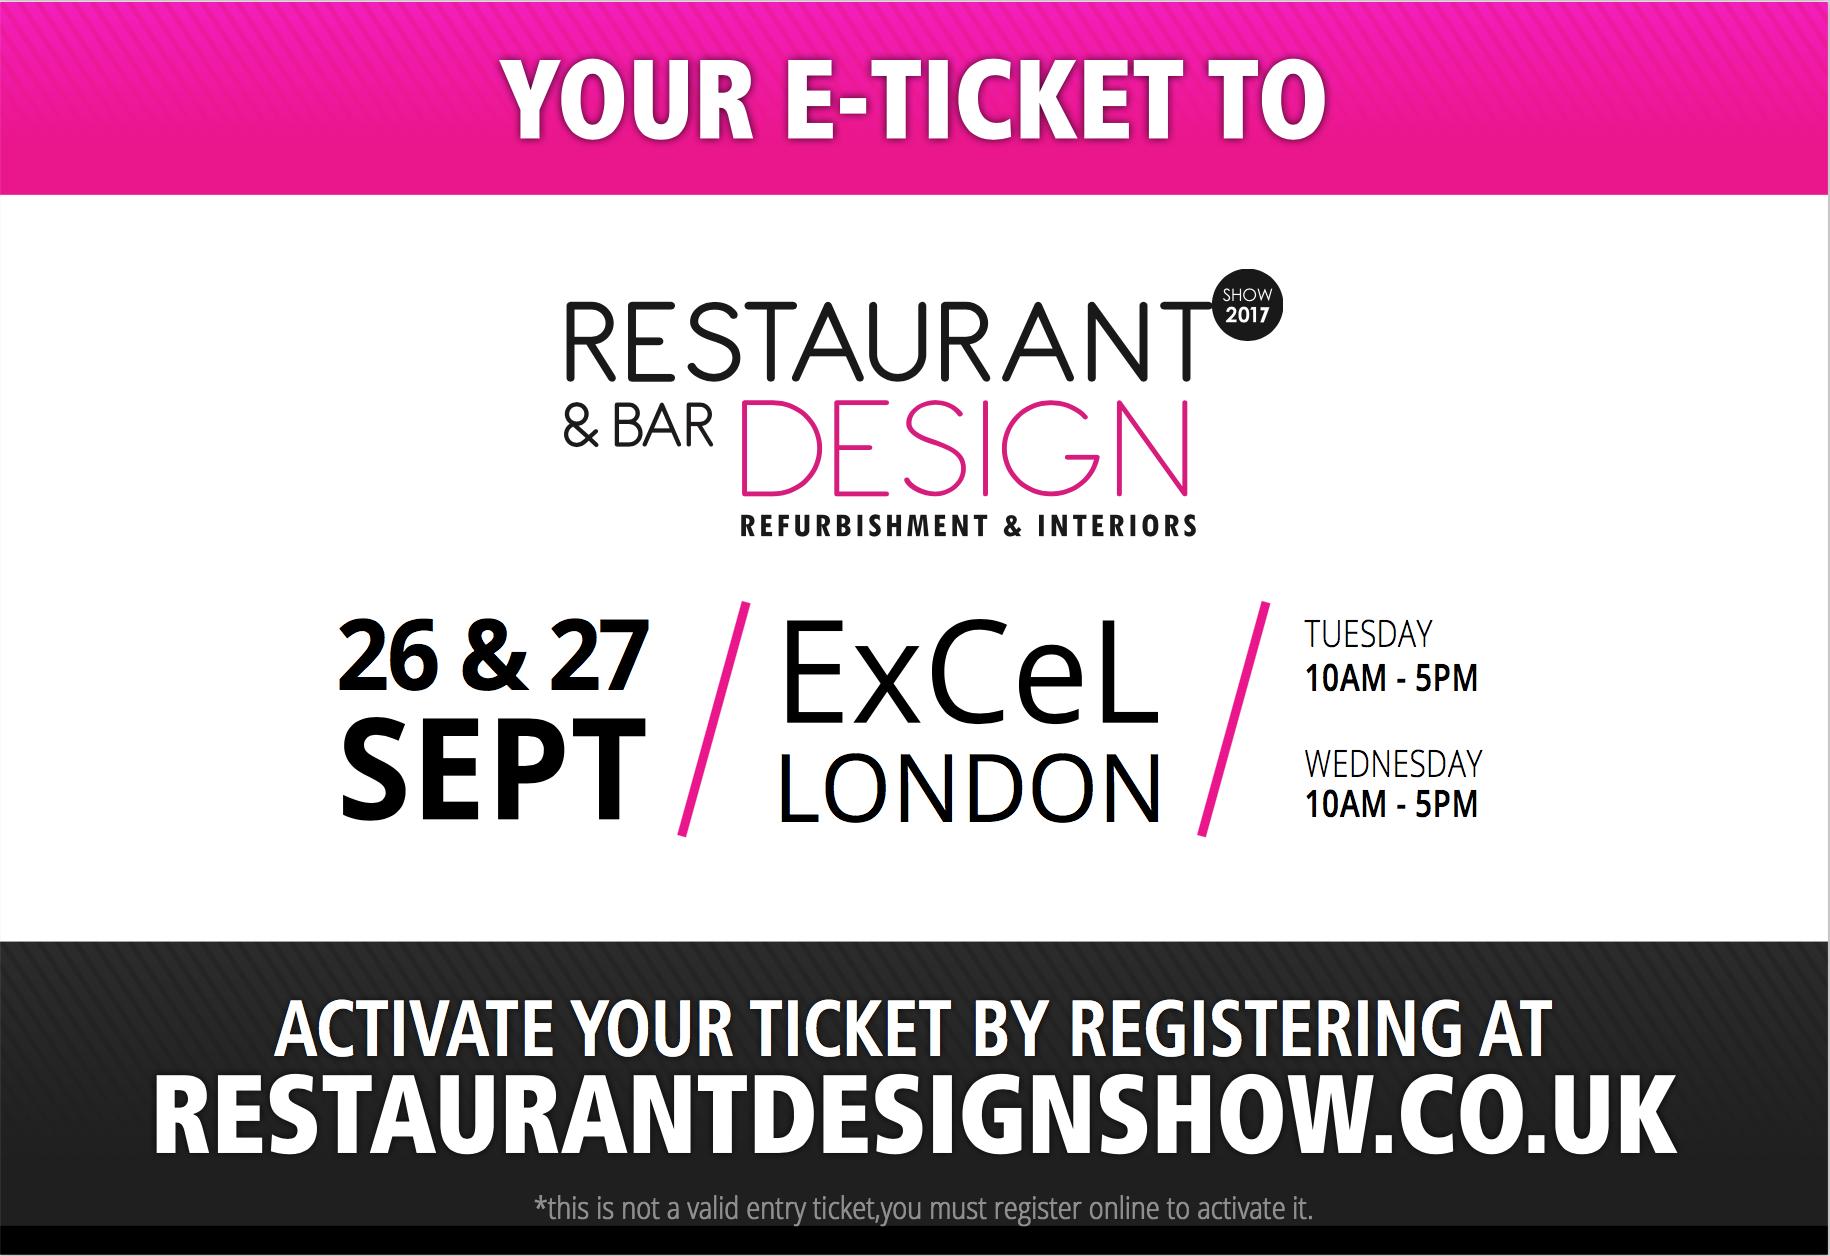 E-ticket, Restaurant & Bar Design Show.png